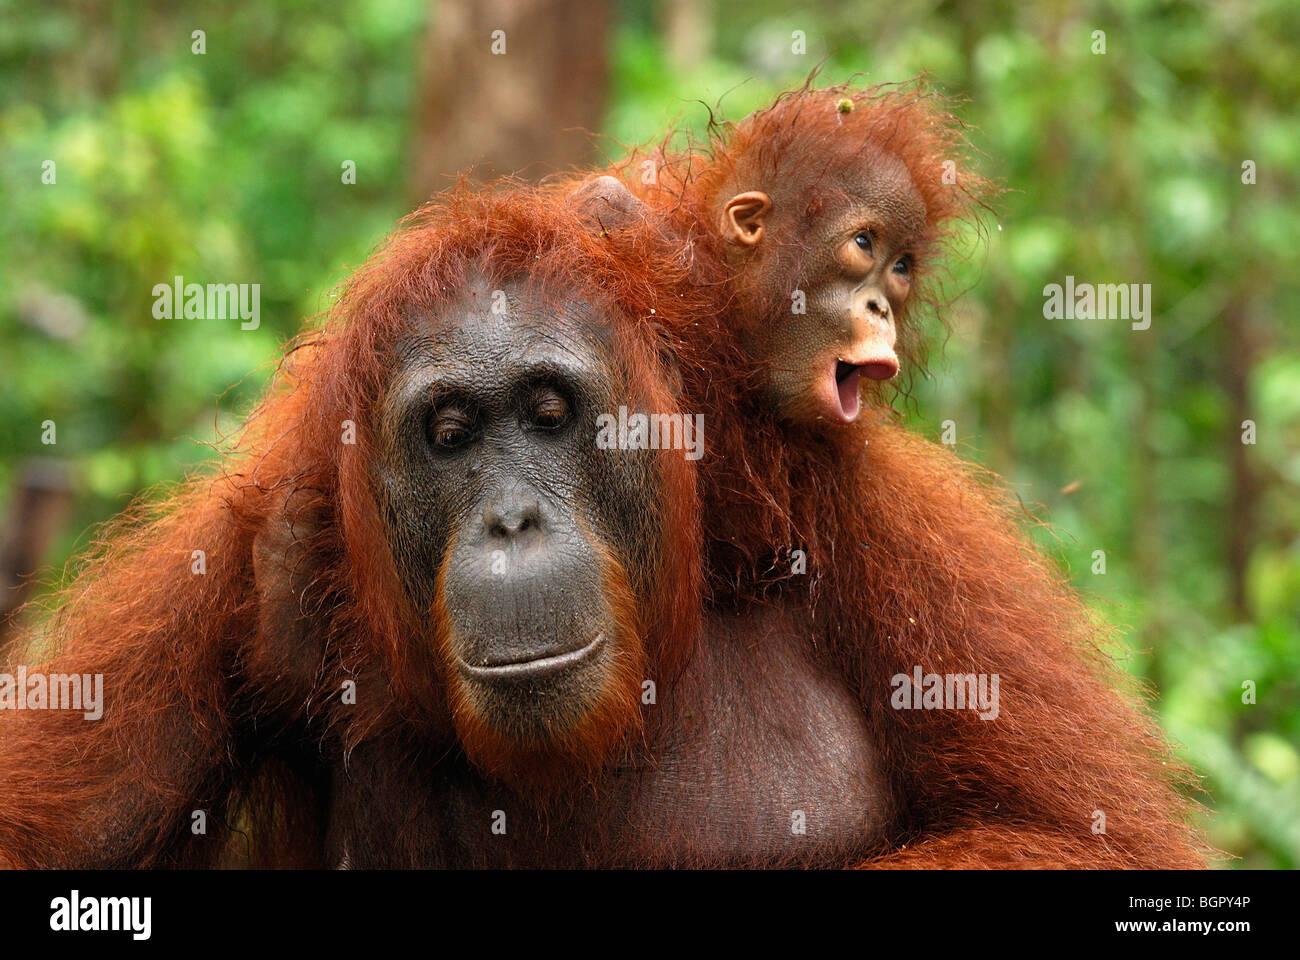 Orangután de Borneo (Pongo pygmaeus), hembra con su bebé cabalgando sobre su espalda, Kalimantan, Borneo, Imagen De Stock